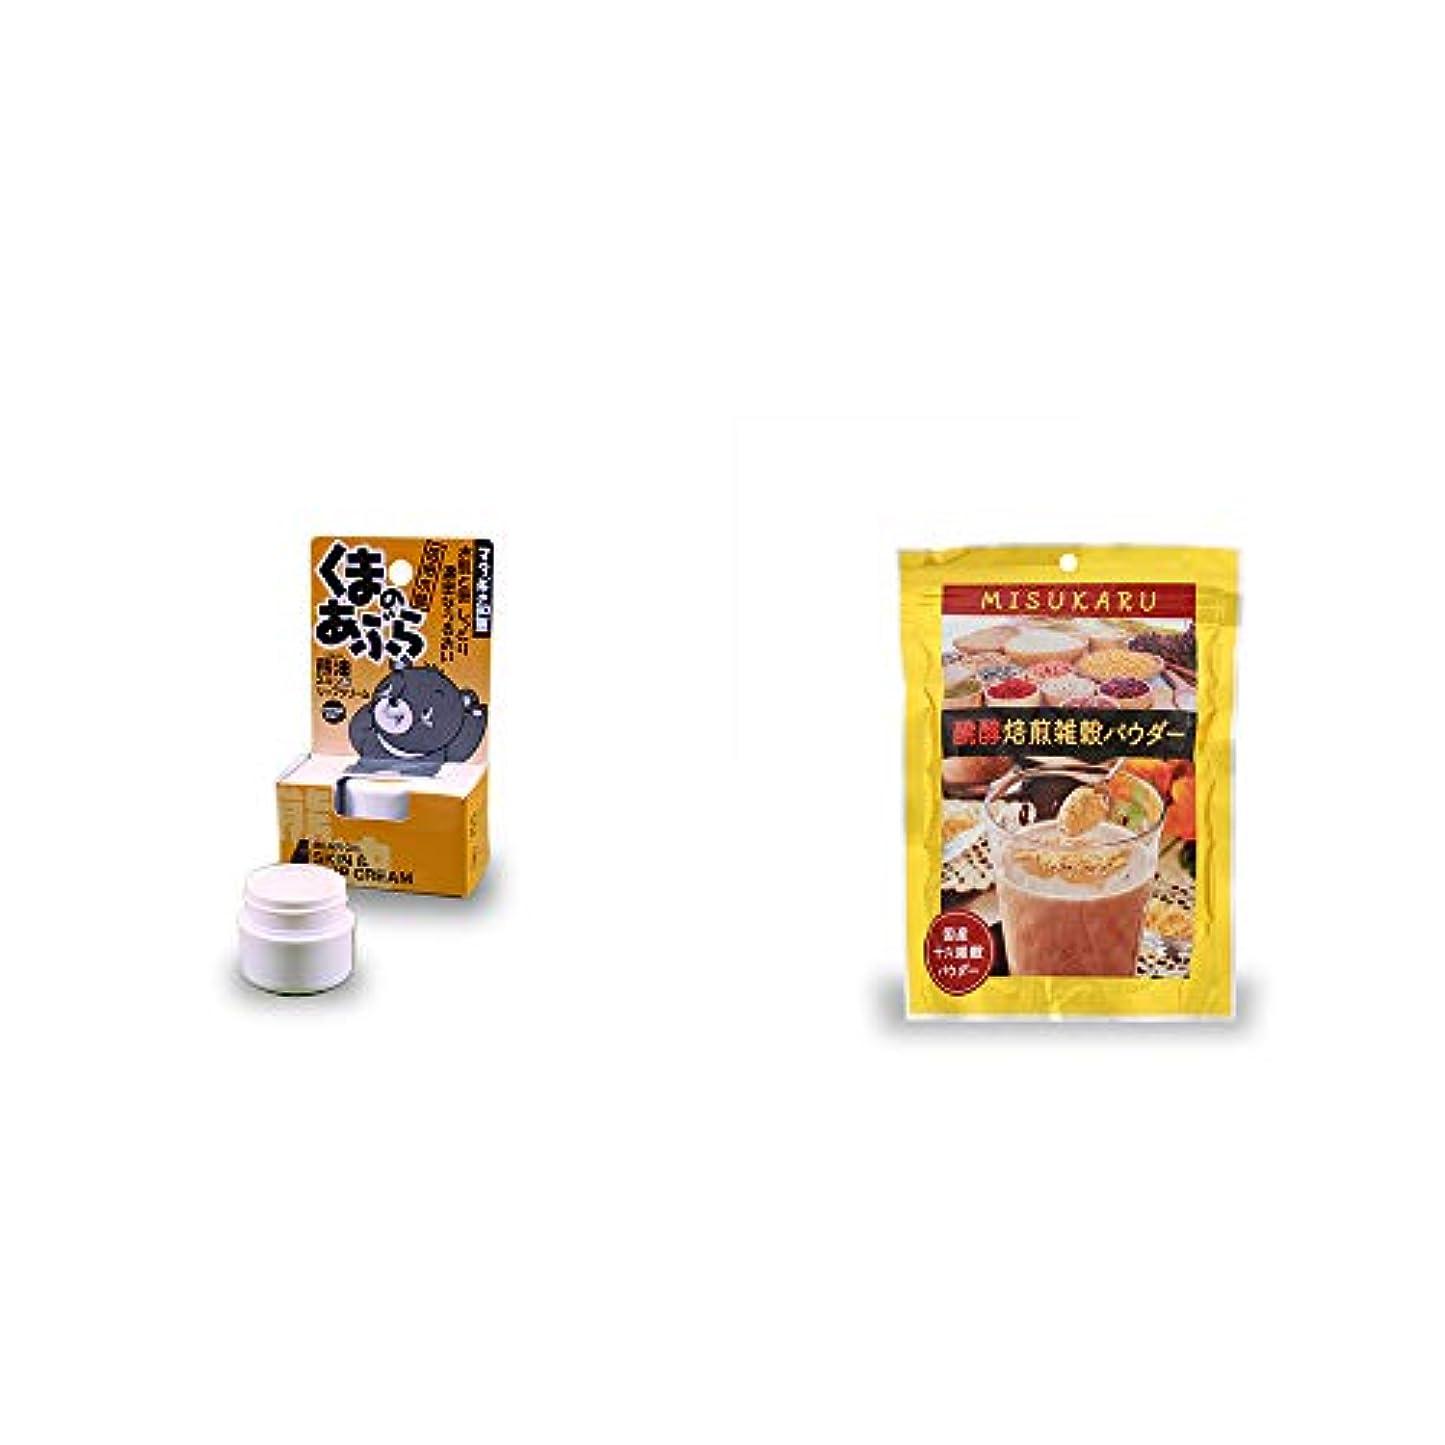 平凡テスト言うまでもなく[2点セット] 信州木曽 くまのあぶら 熊油スキン&リップクリーム(9g)?醗酵焙煎雑穀パウダー MISUKARU(ミスカル)(200g)